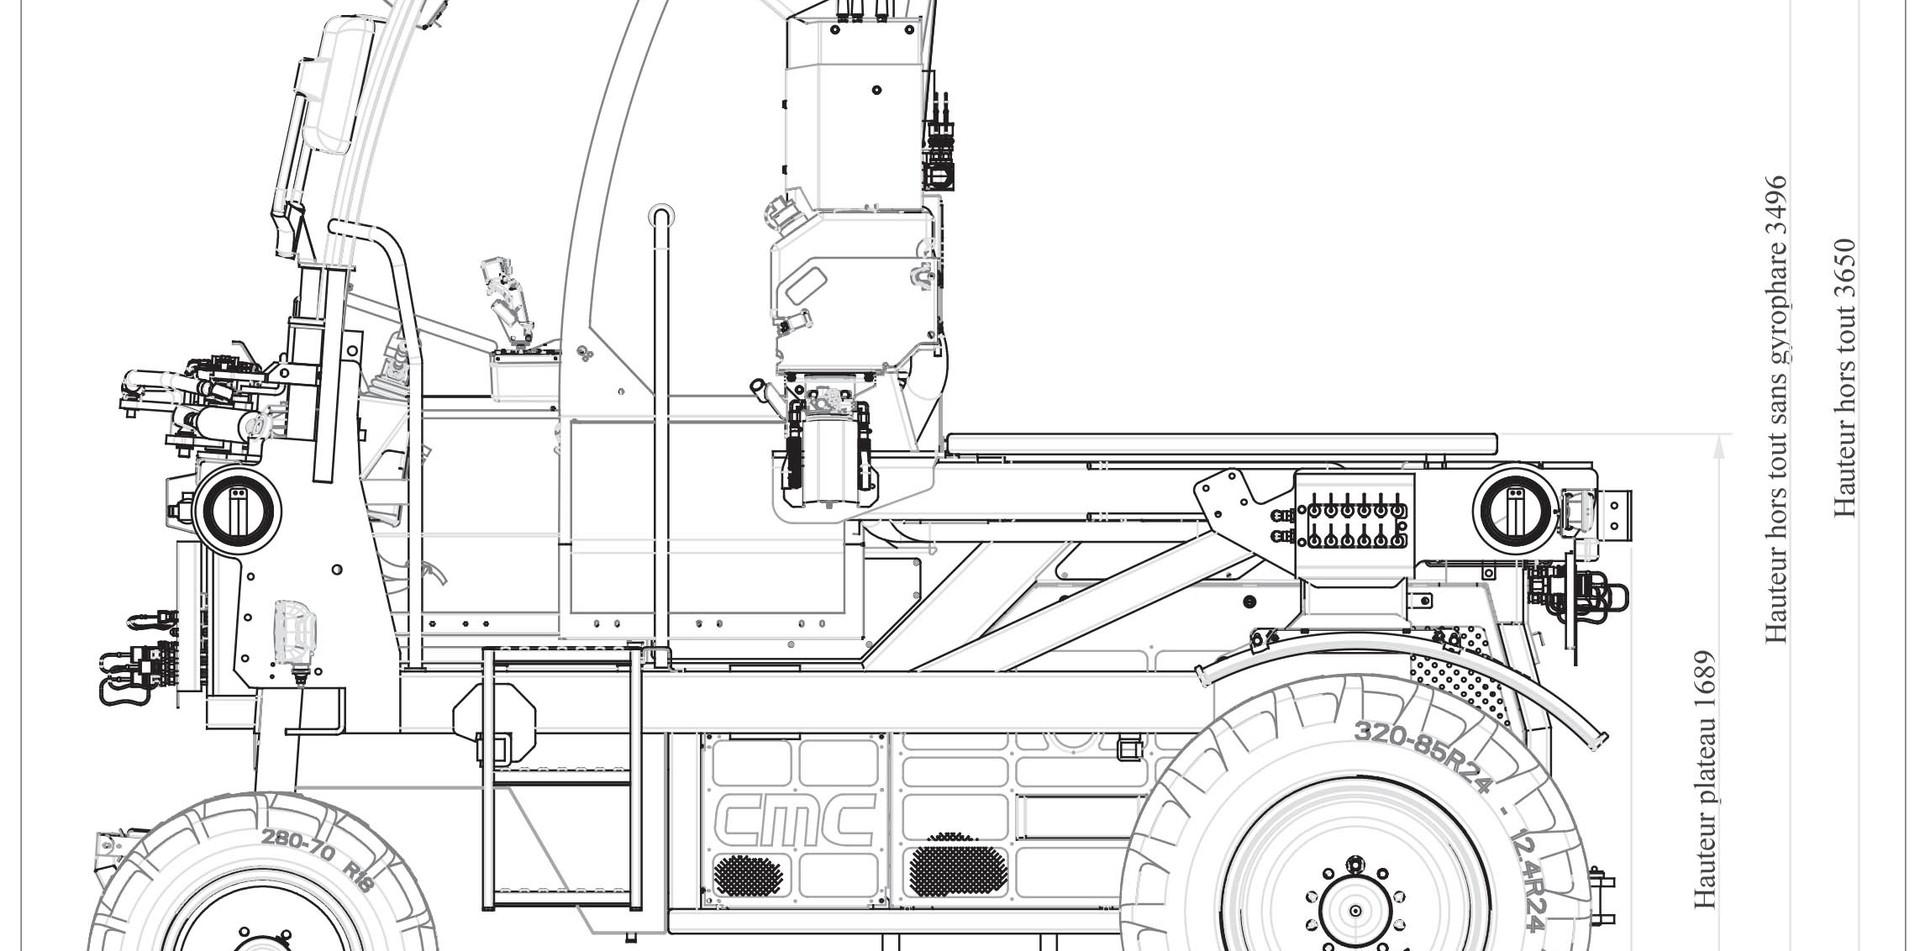 CMC_X4-150 VV-dessin technique